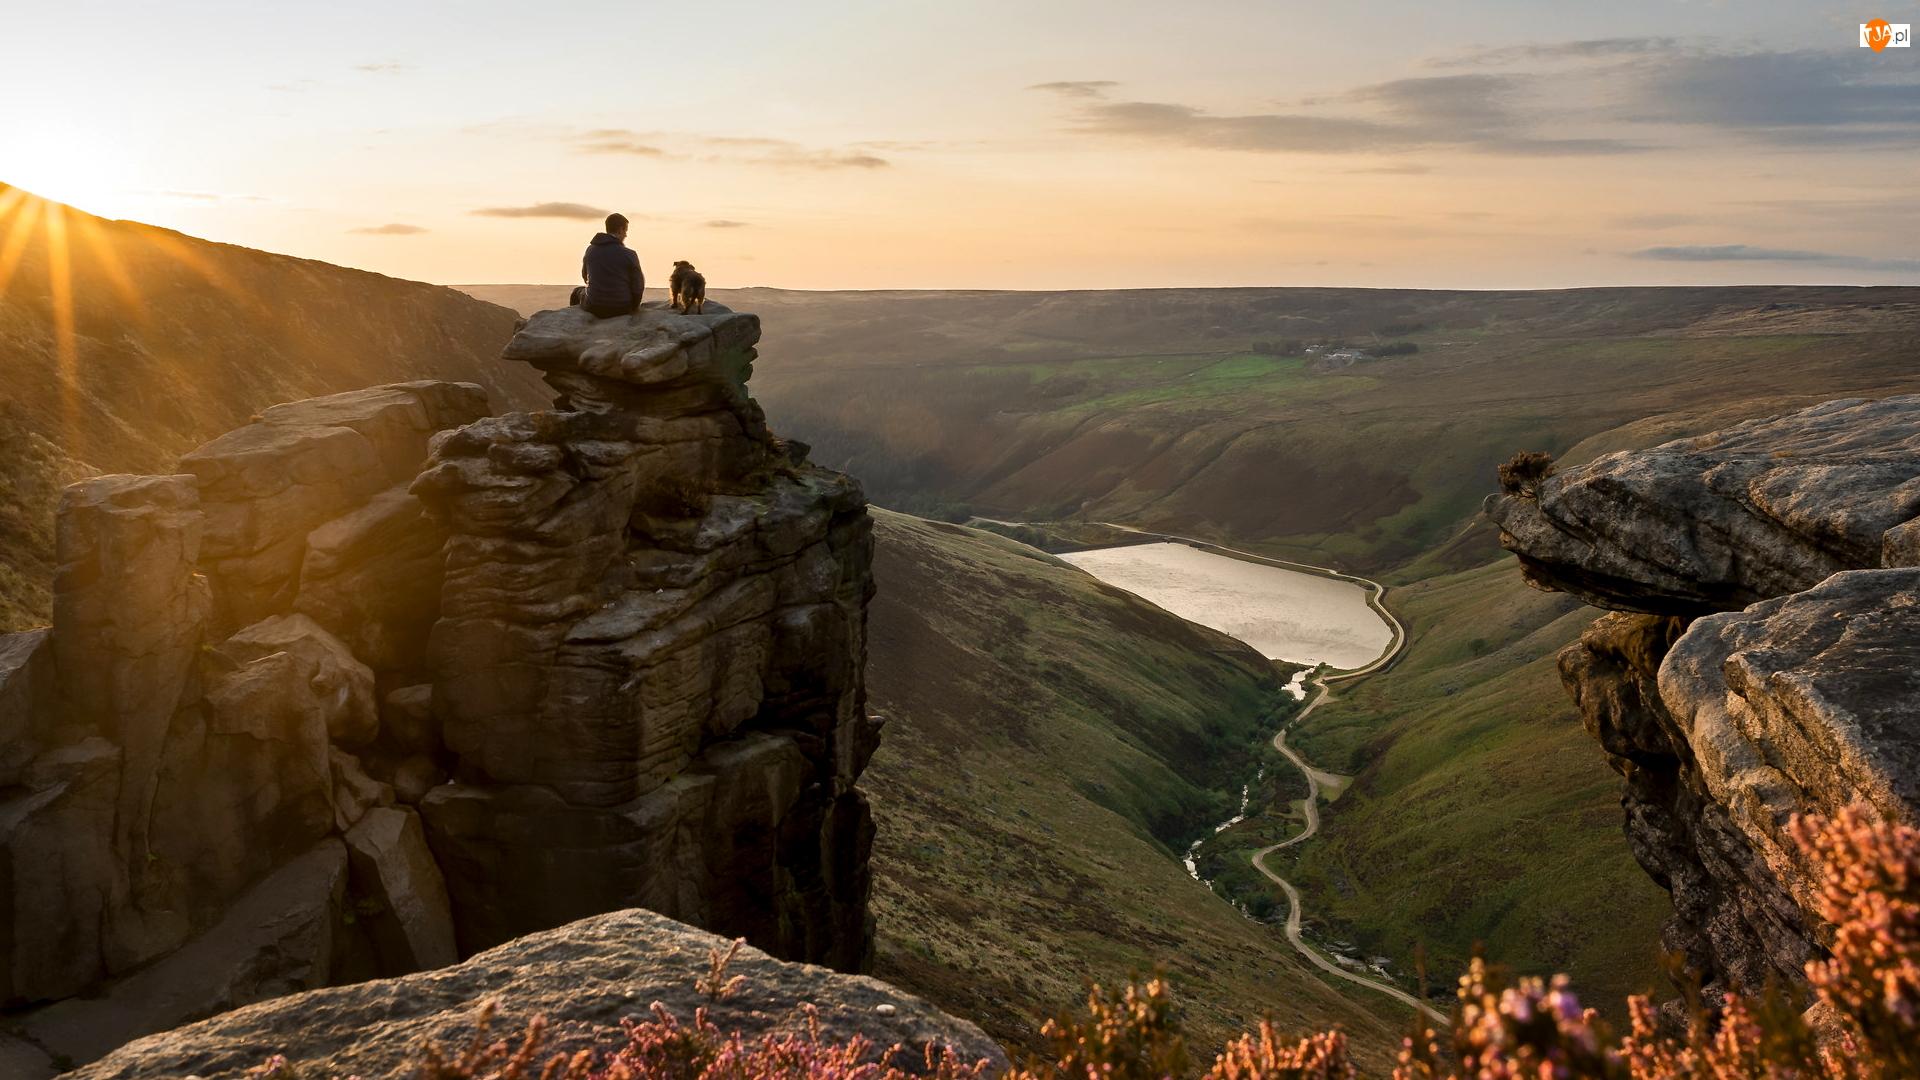 Rzeka, Skały, Park Narodowy Peak District, Anglia, Greenfield Brook, Góra, Pies, Greenfield Reservoir, Człowiek, Jezioro, Zbiornik, Saddleworth